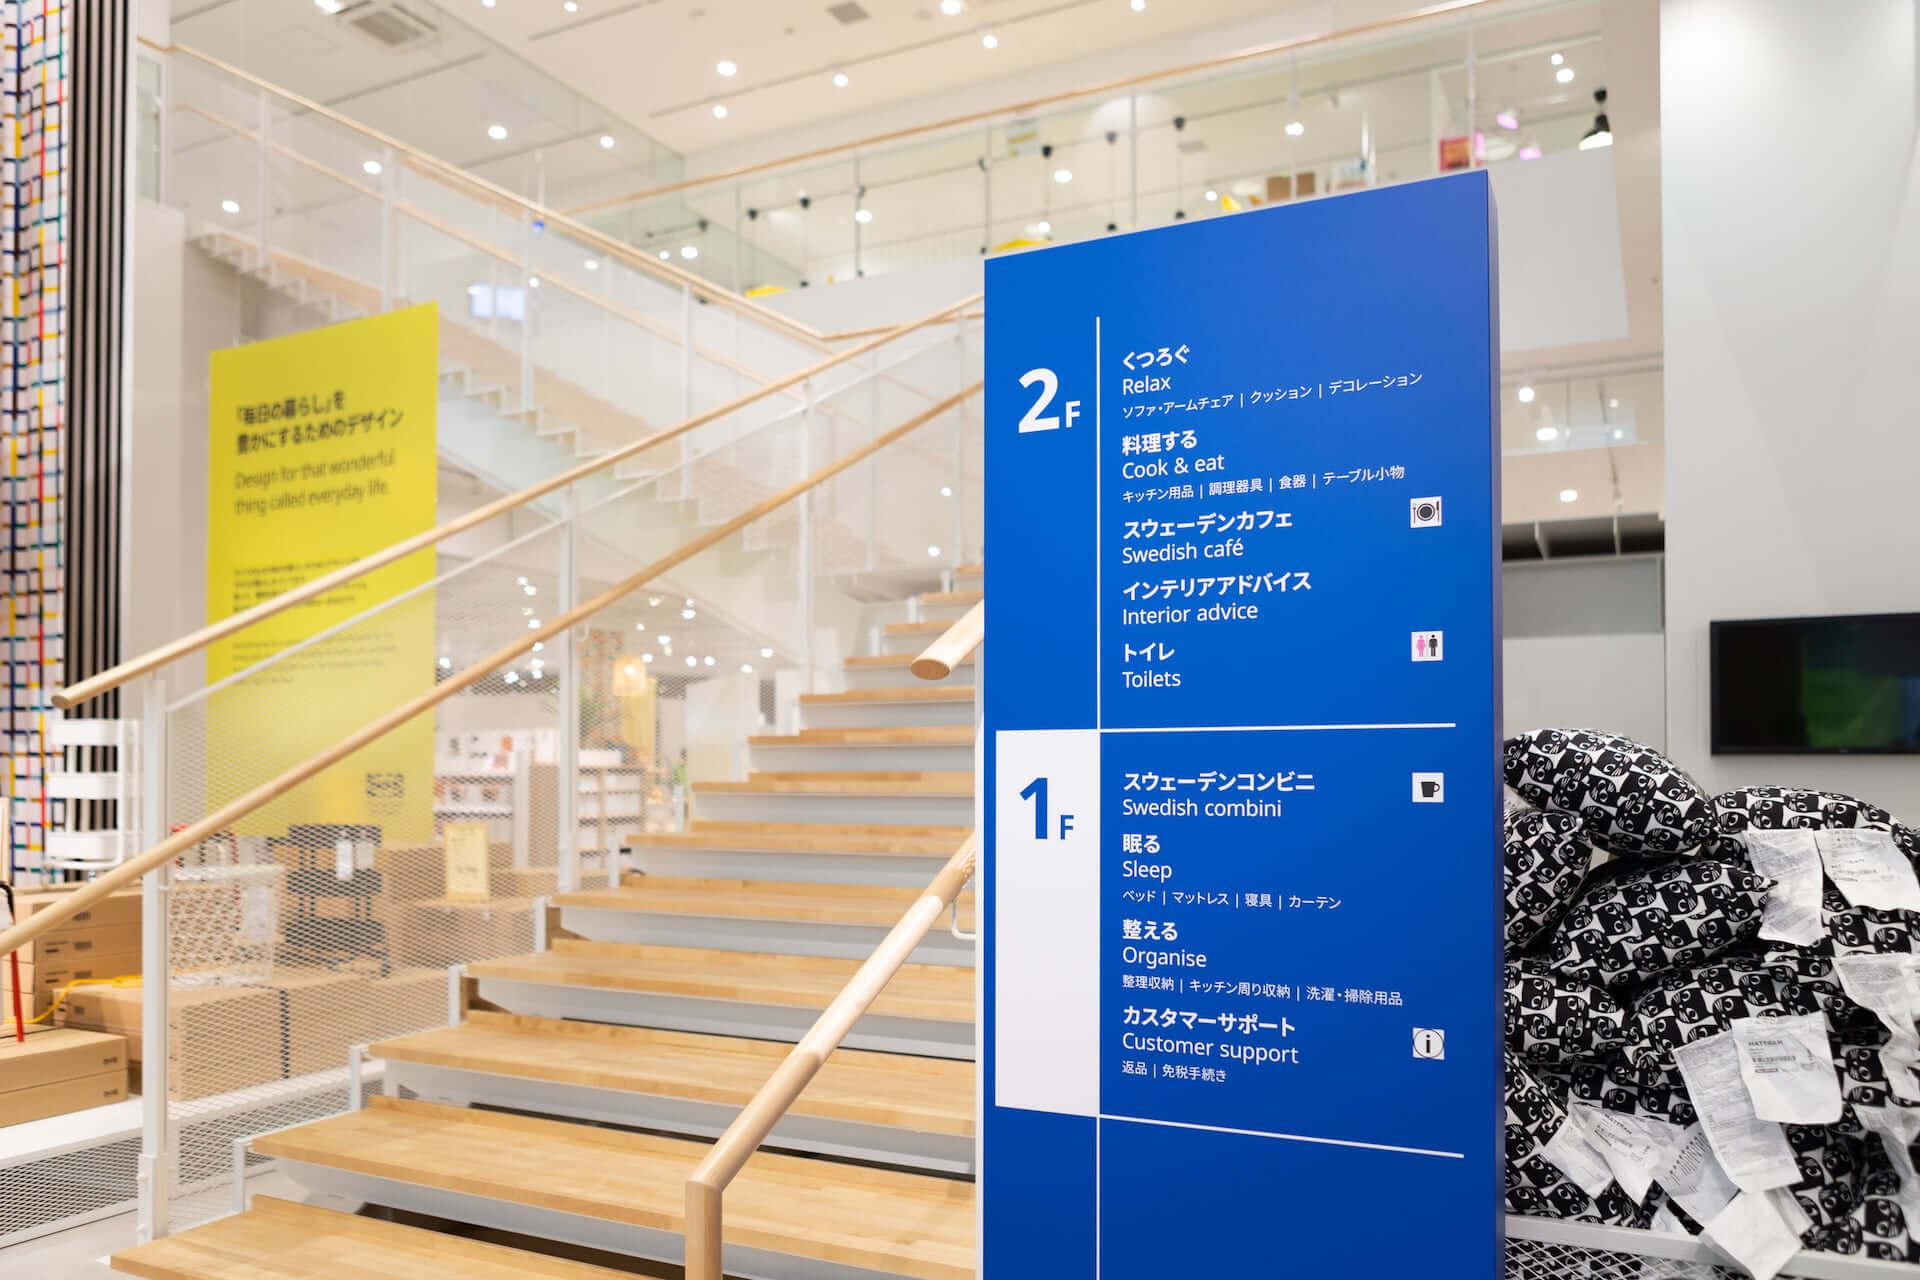 IKEAがついに原宿に登場!WITH HARAJUKUに6月8日オープン決定&内装も一部公開 lf200604_ikea_harajuku_10-1920x1280